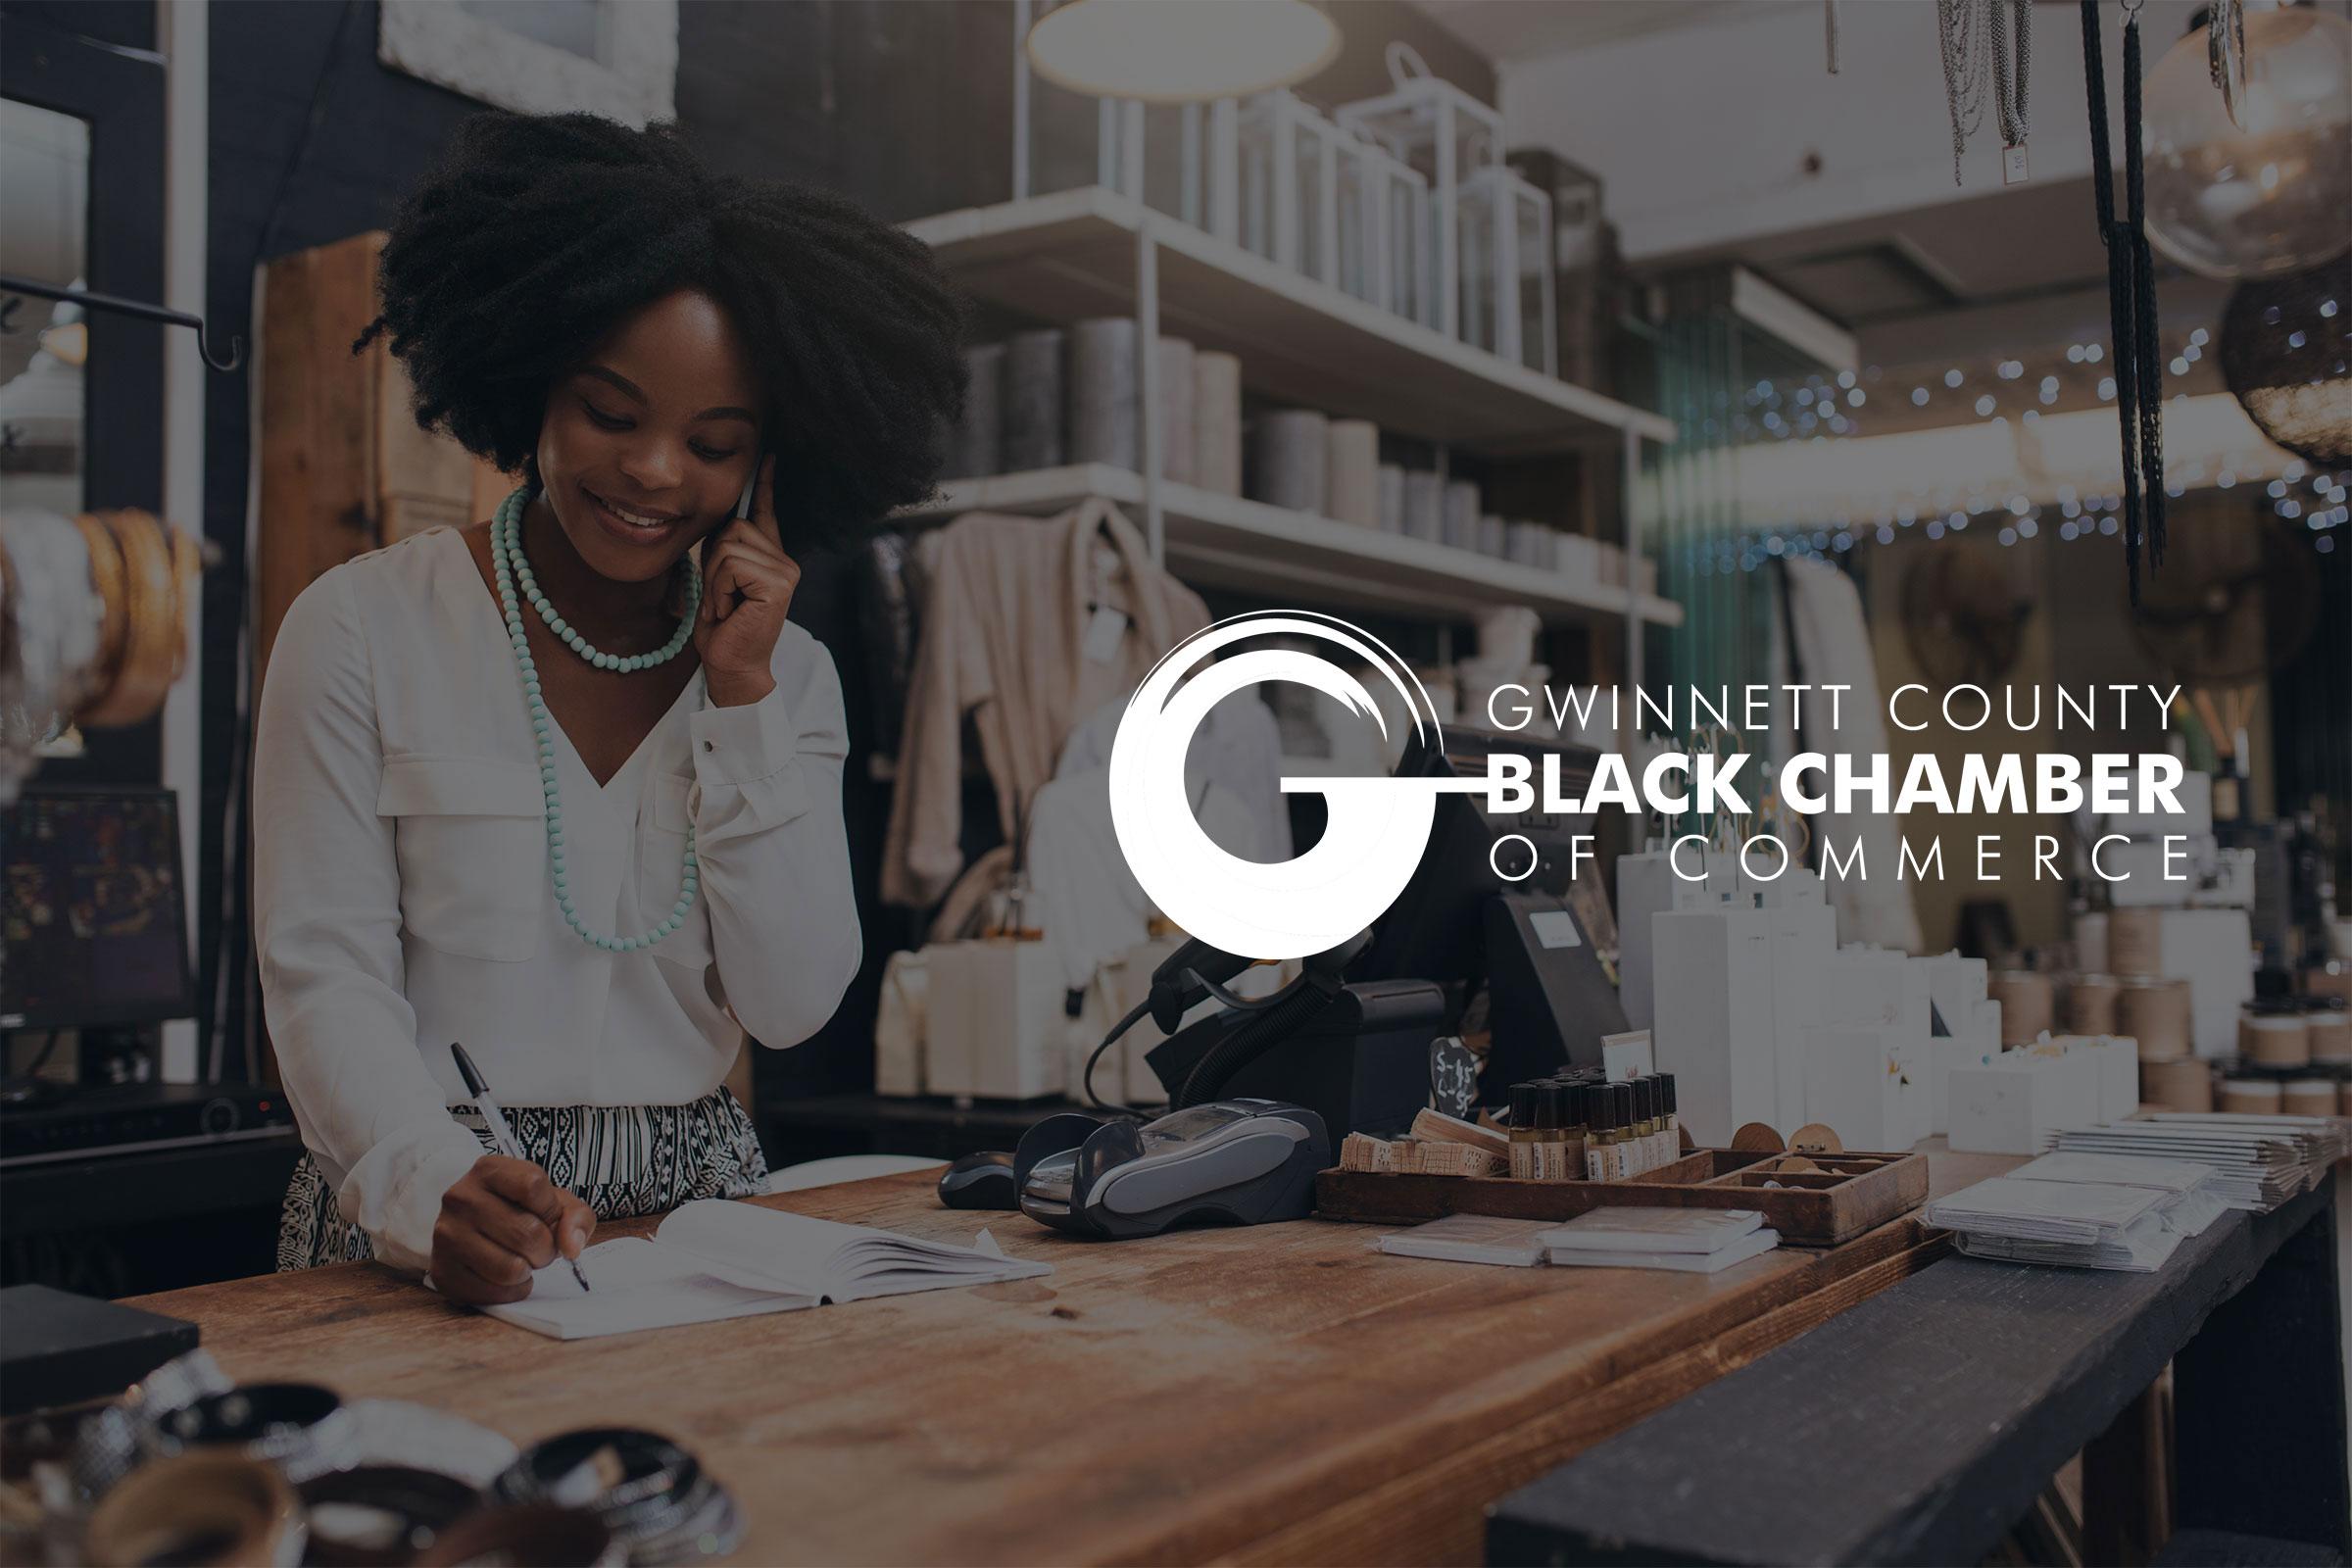 gwinnett black chamber of commerce